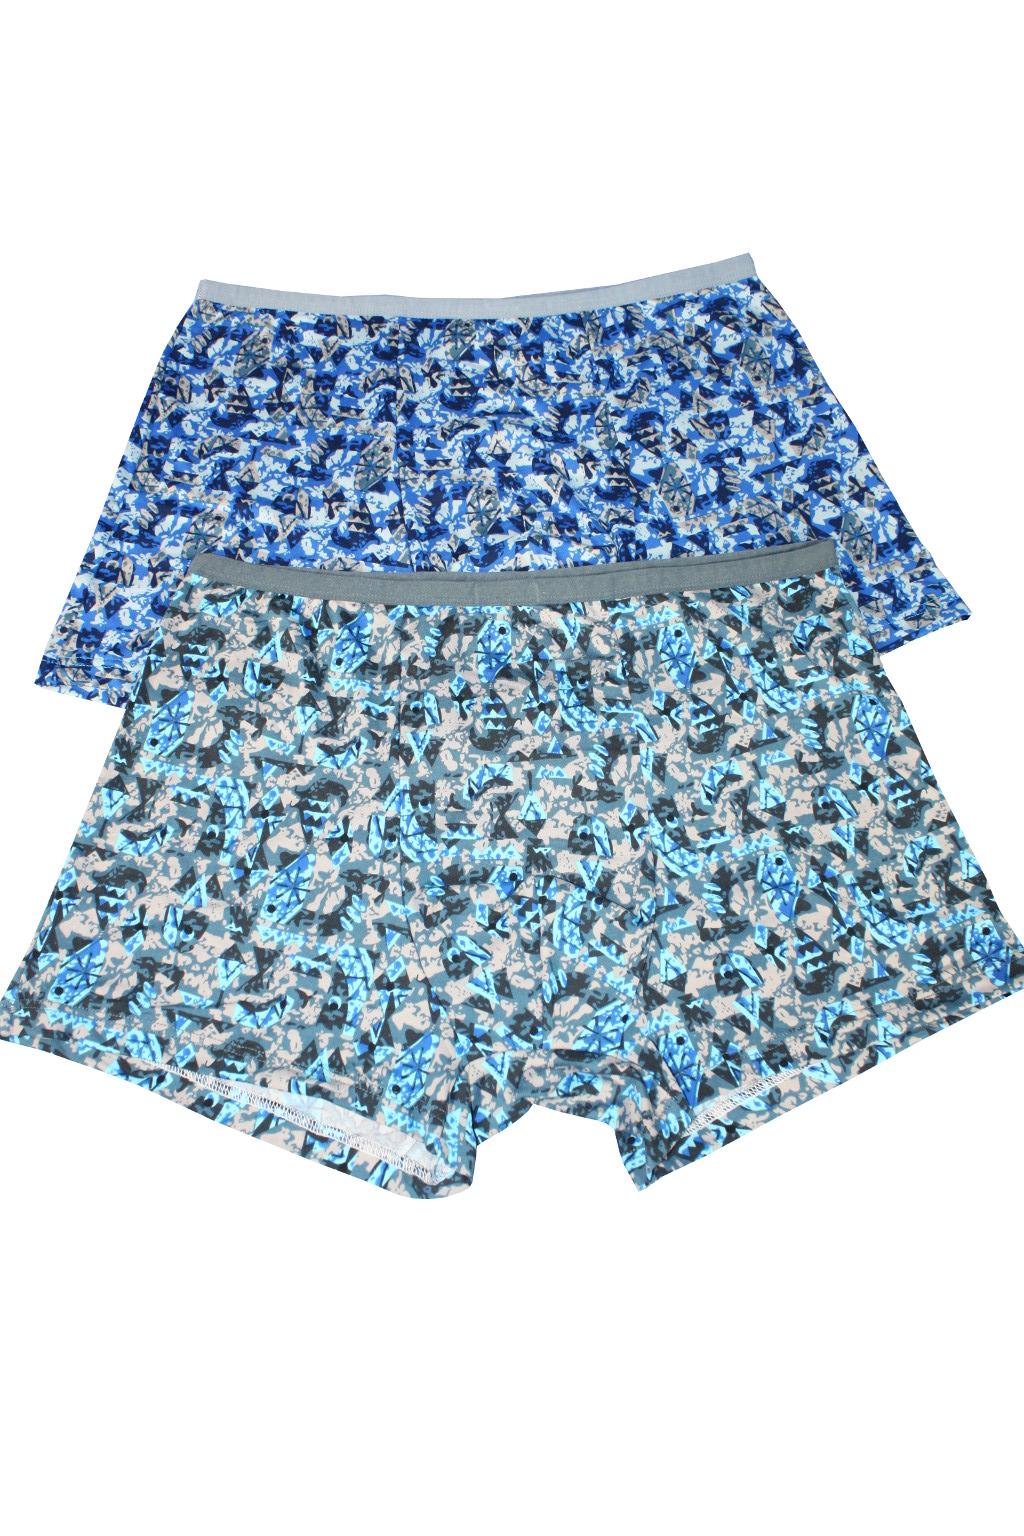 Scoty boxerky prádlo z bambusu 2ks 4XL modrá